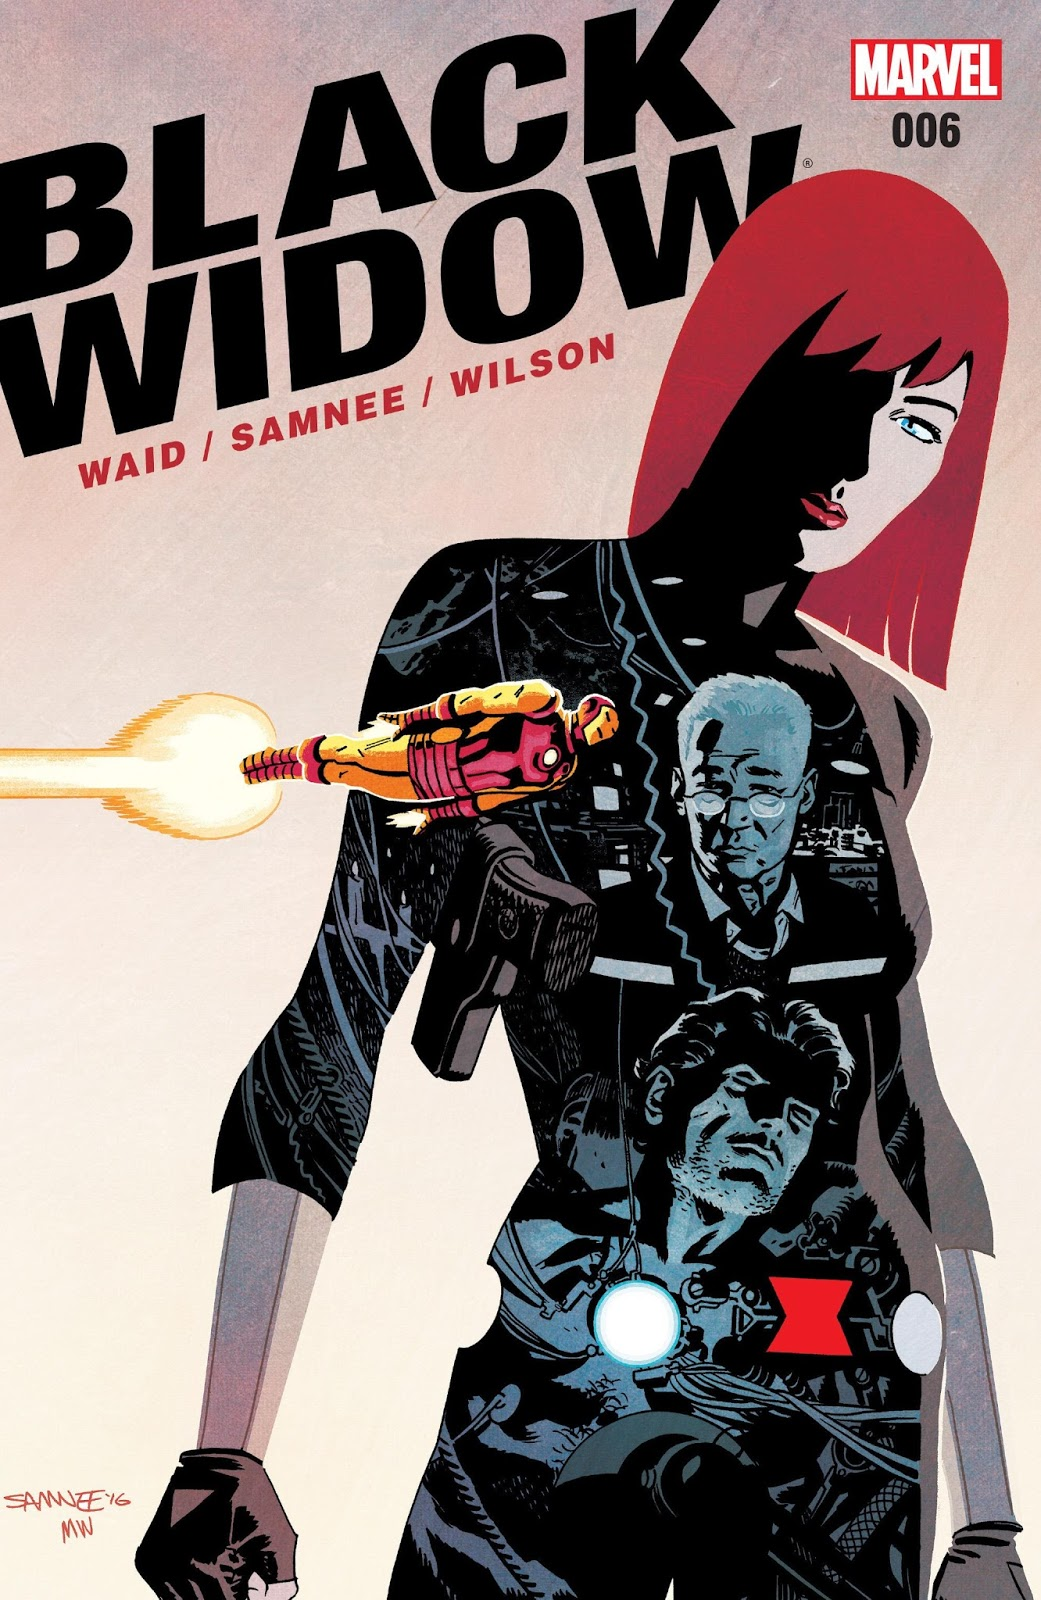 Weird Science DC Comics: Black Widow #6 Review